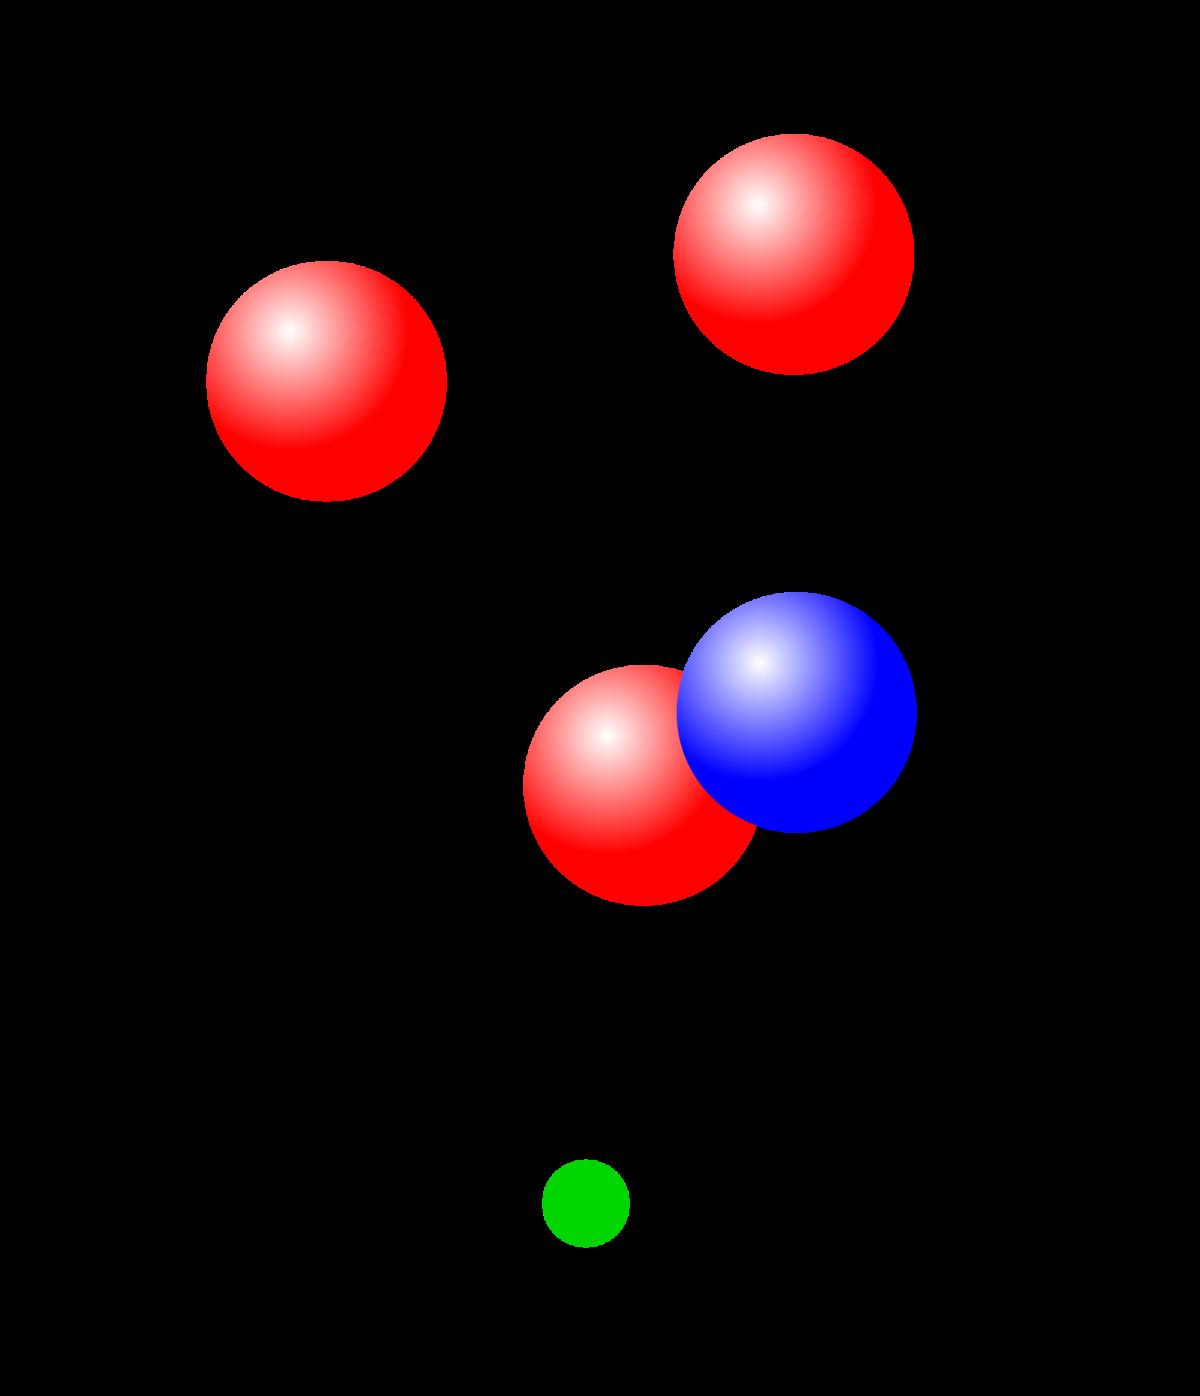 Величайшая нерешённая задача современной физики: почему гравитация такая слабая? - 4